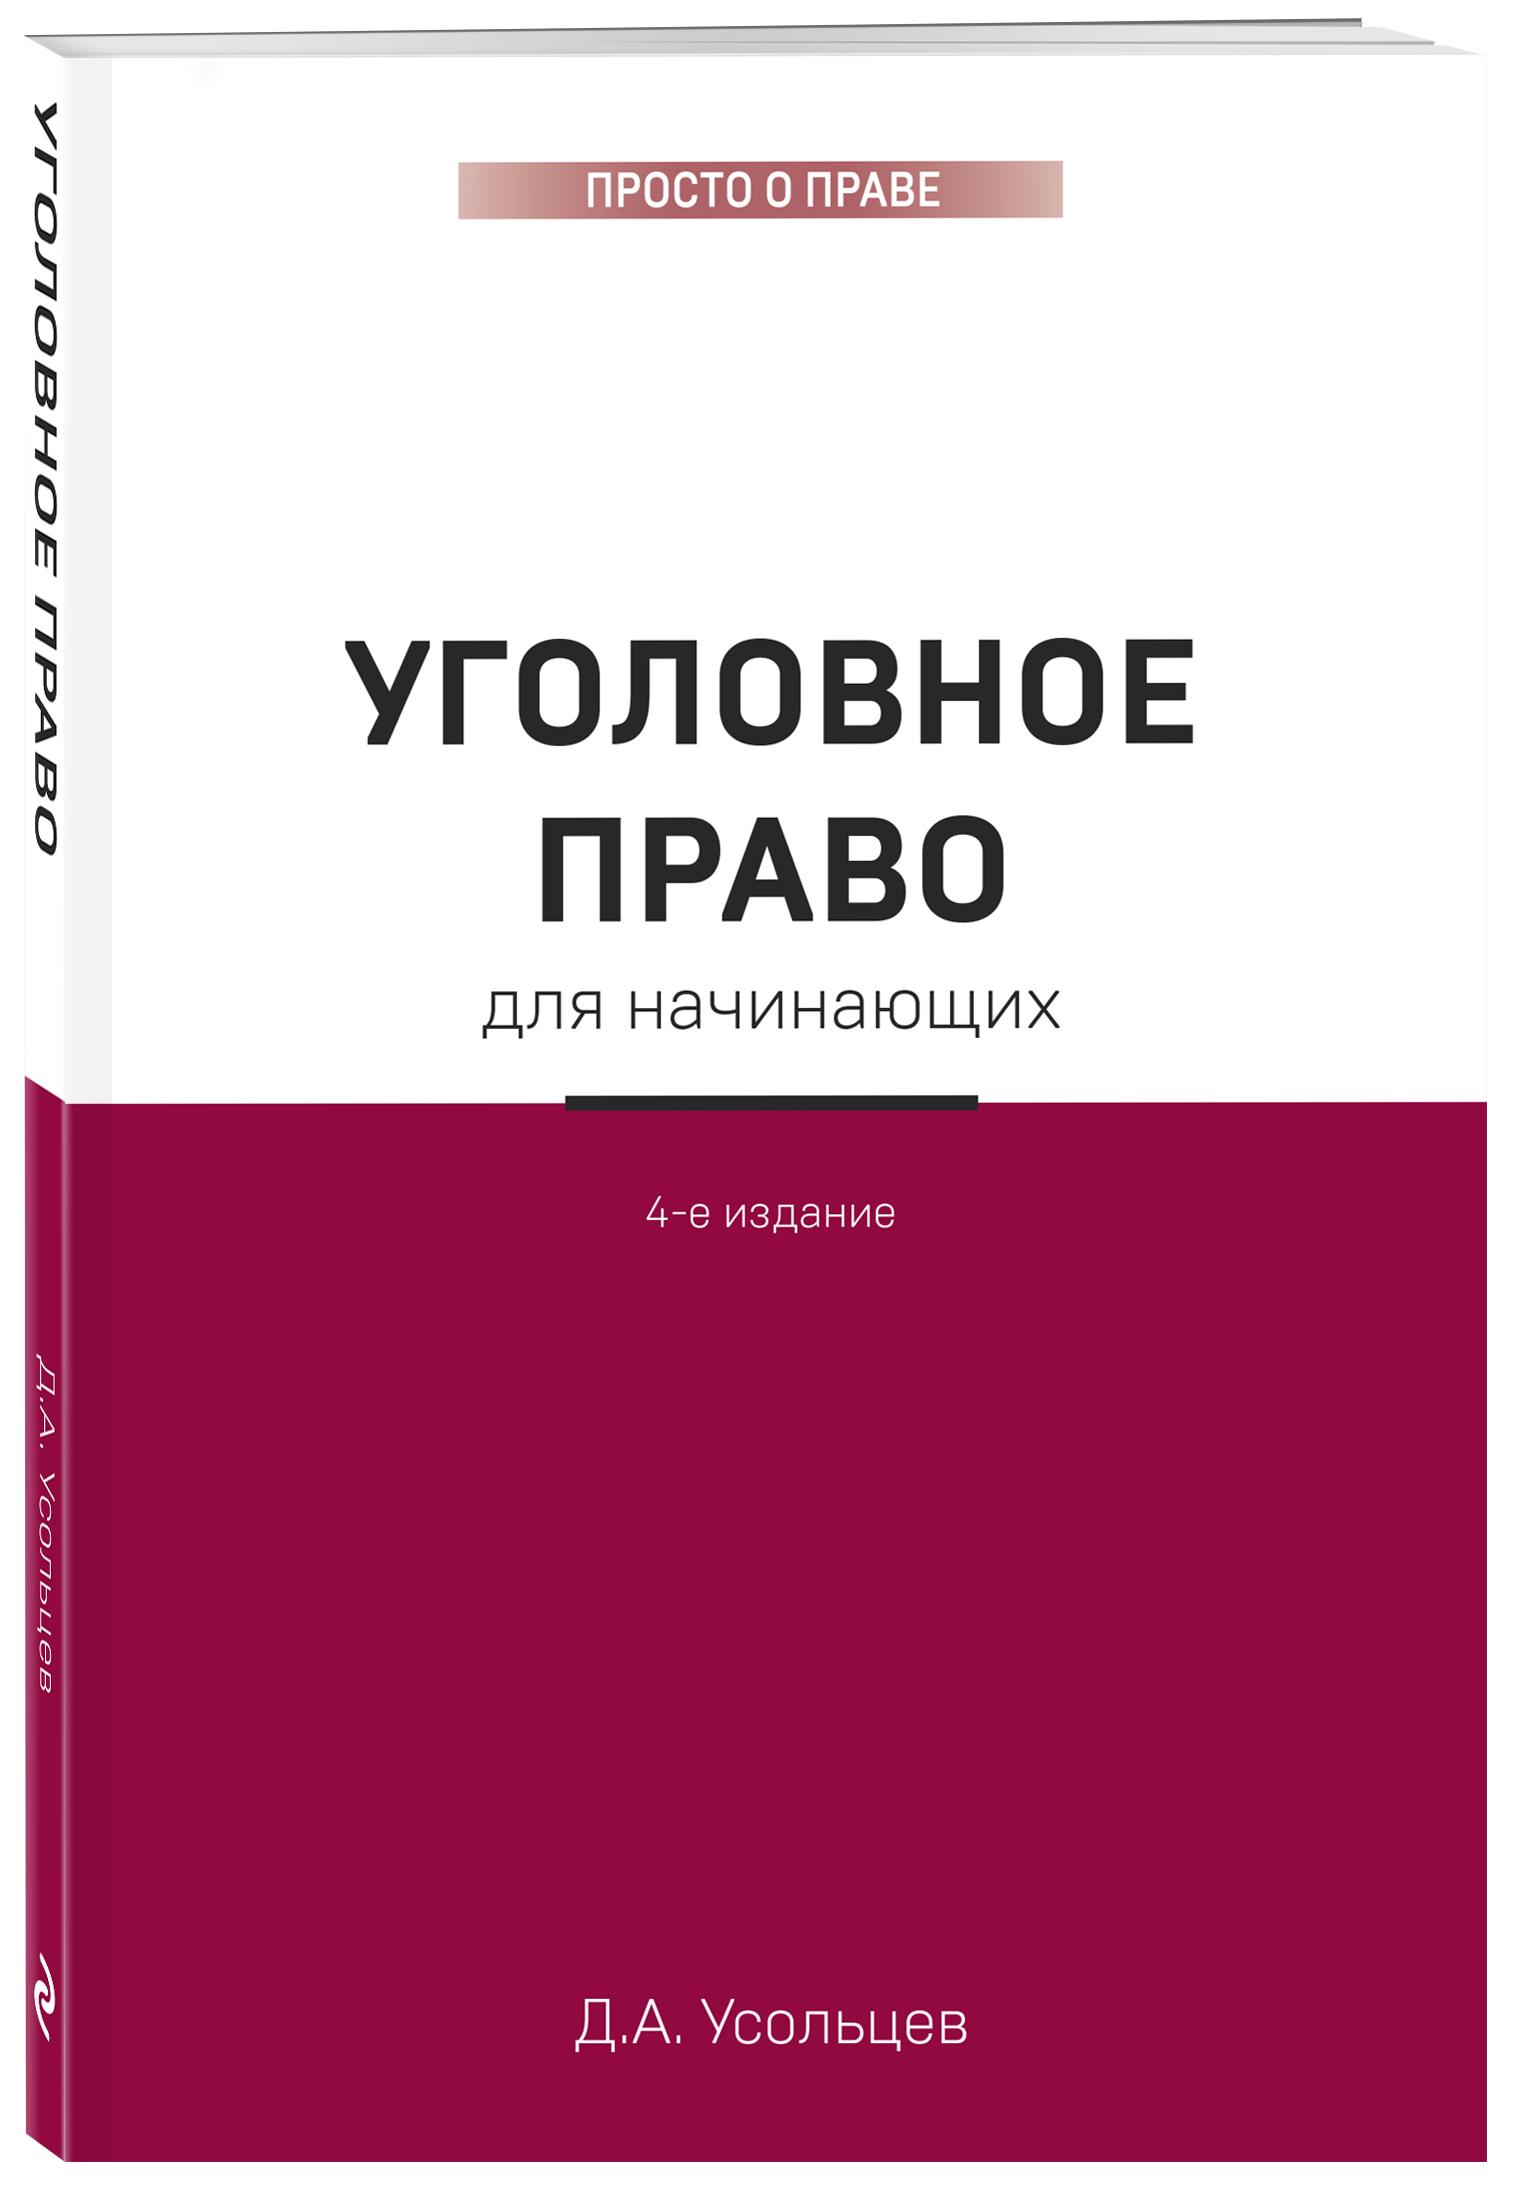 Уголовное право для начинающих. 4-е издание ( Усольцев Дмитрий Александрович  )